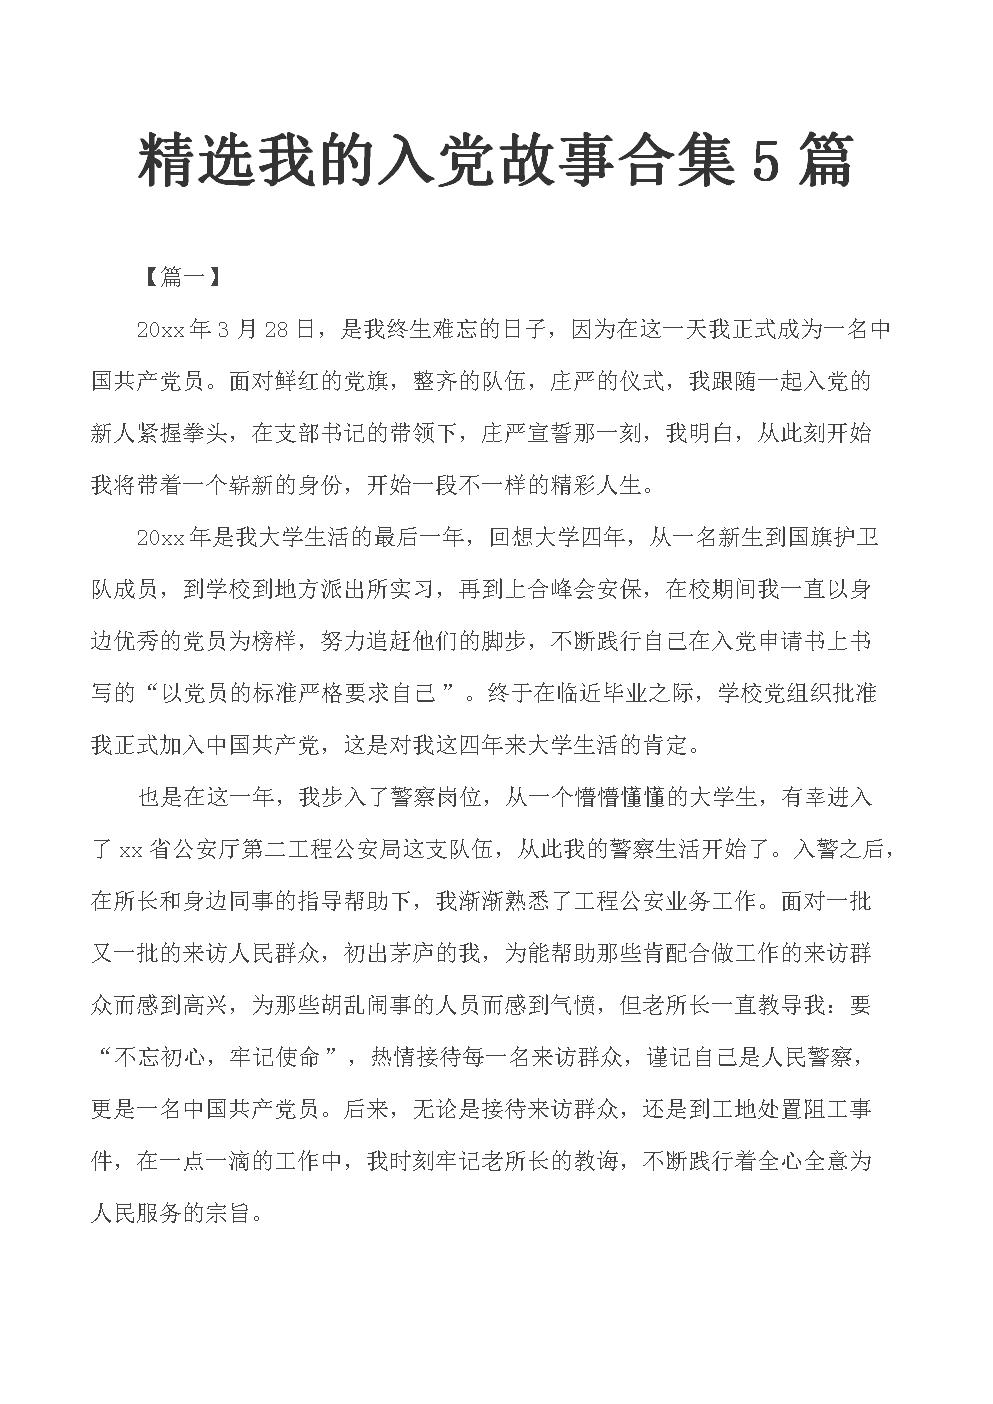 精选我的入党故事合集5篇.docx